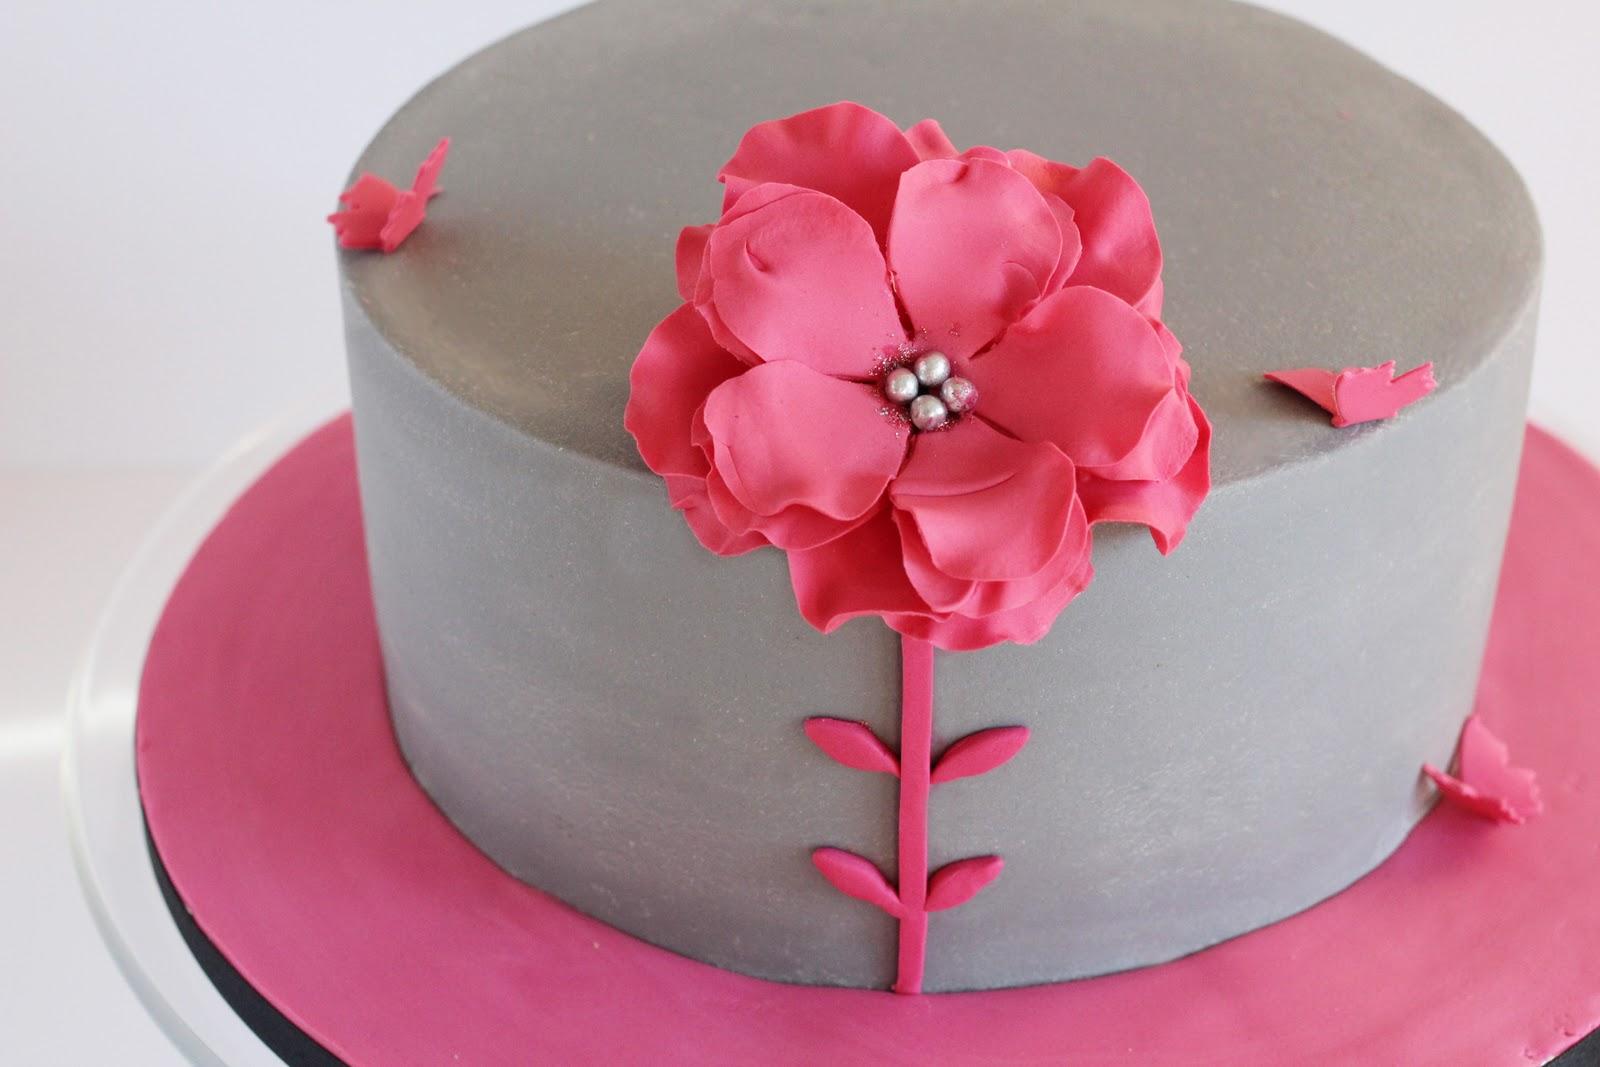 Baño Para Torta Sencillo:Isla Pastel: Pastel de boda